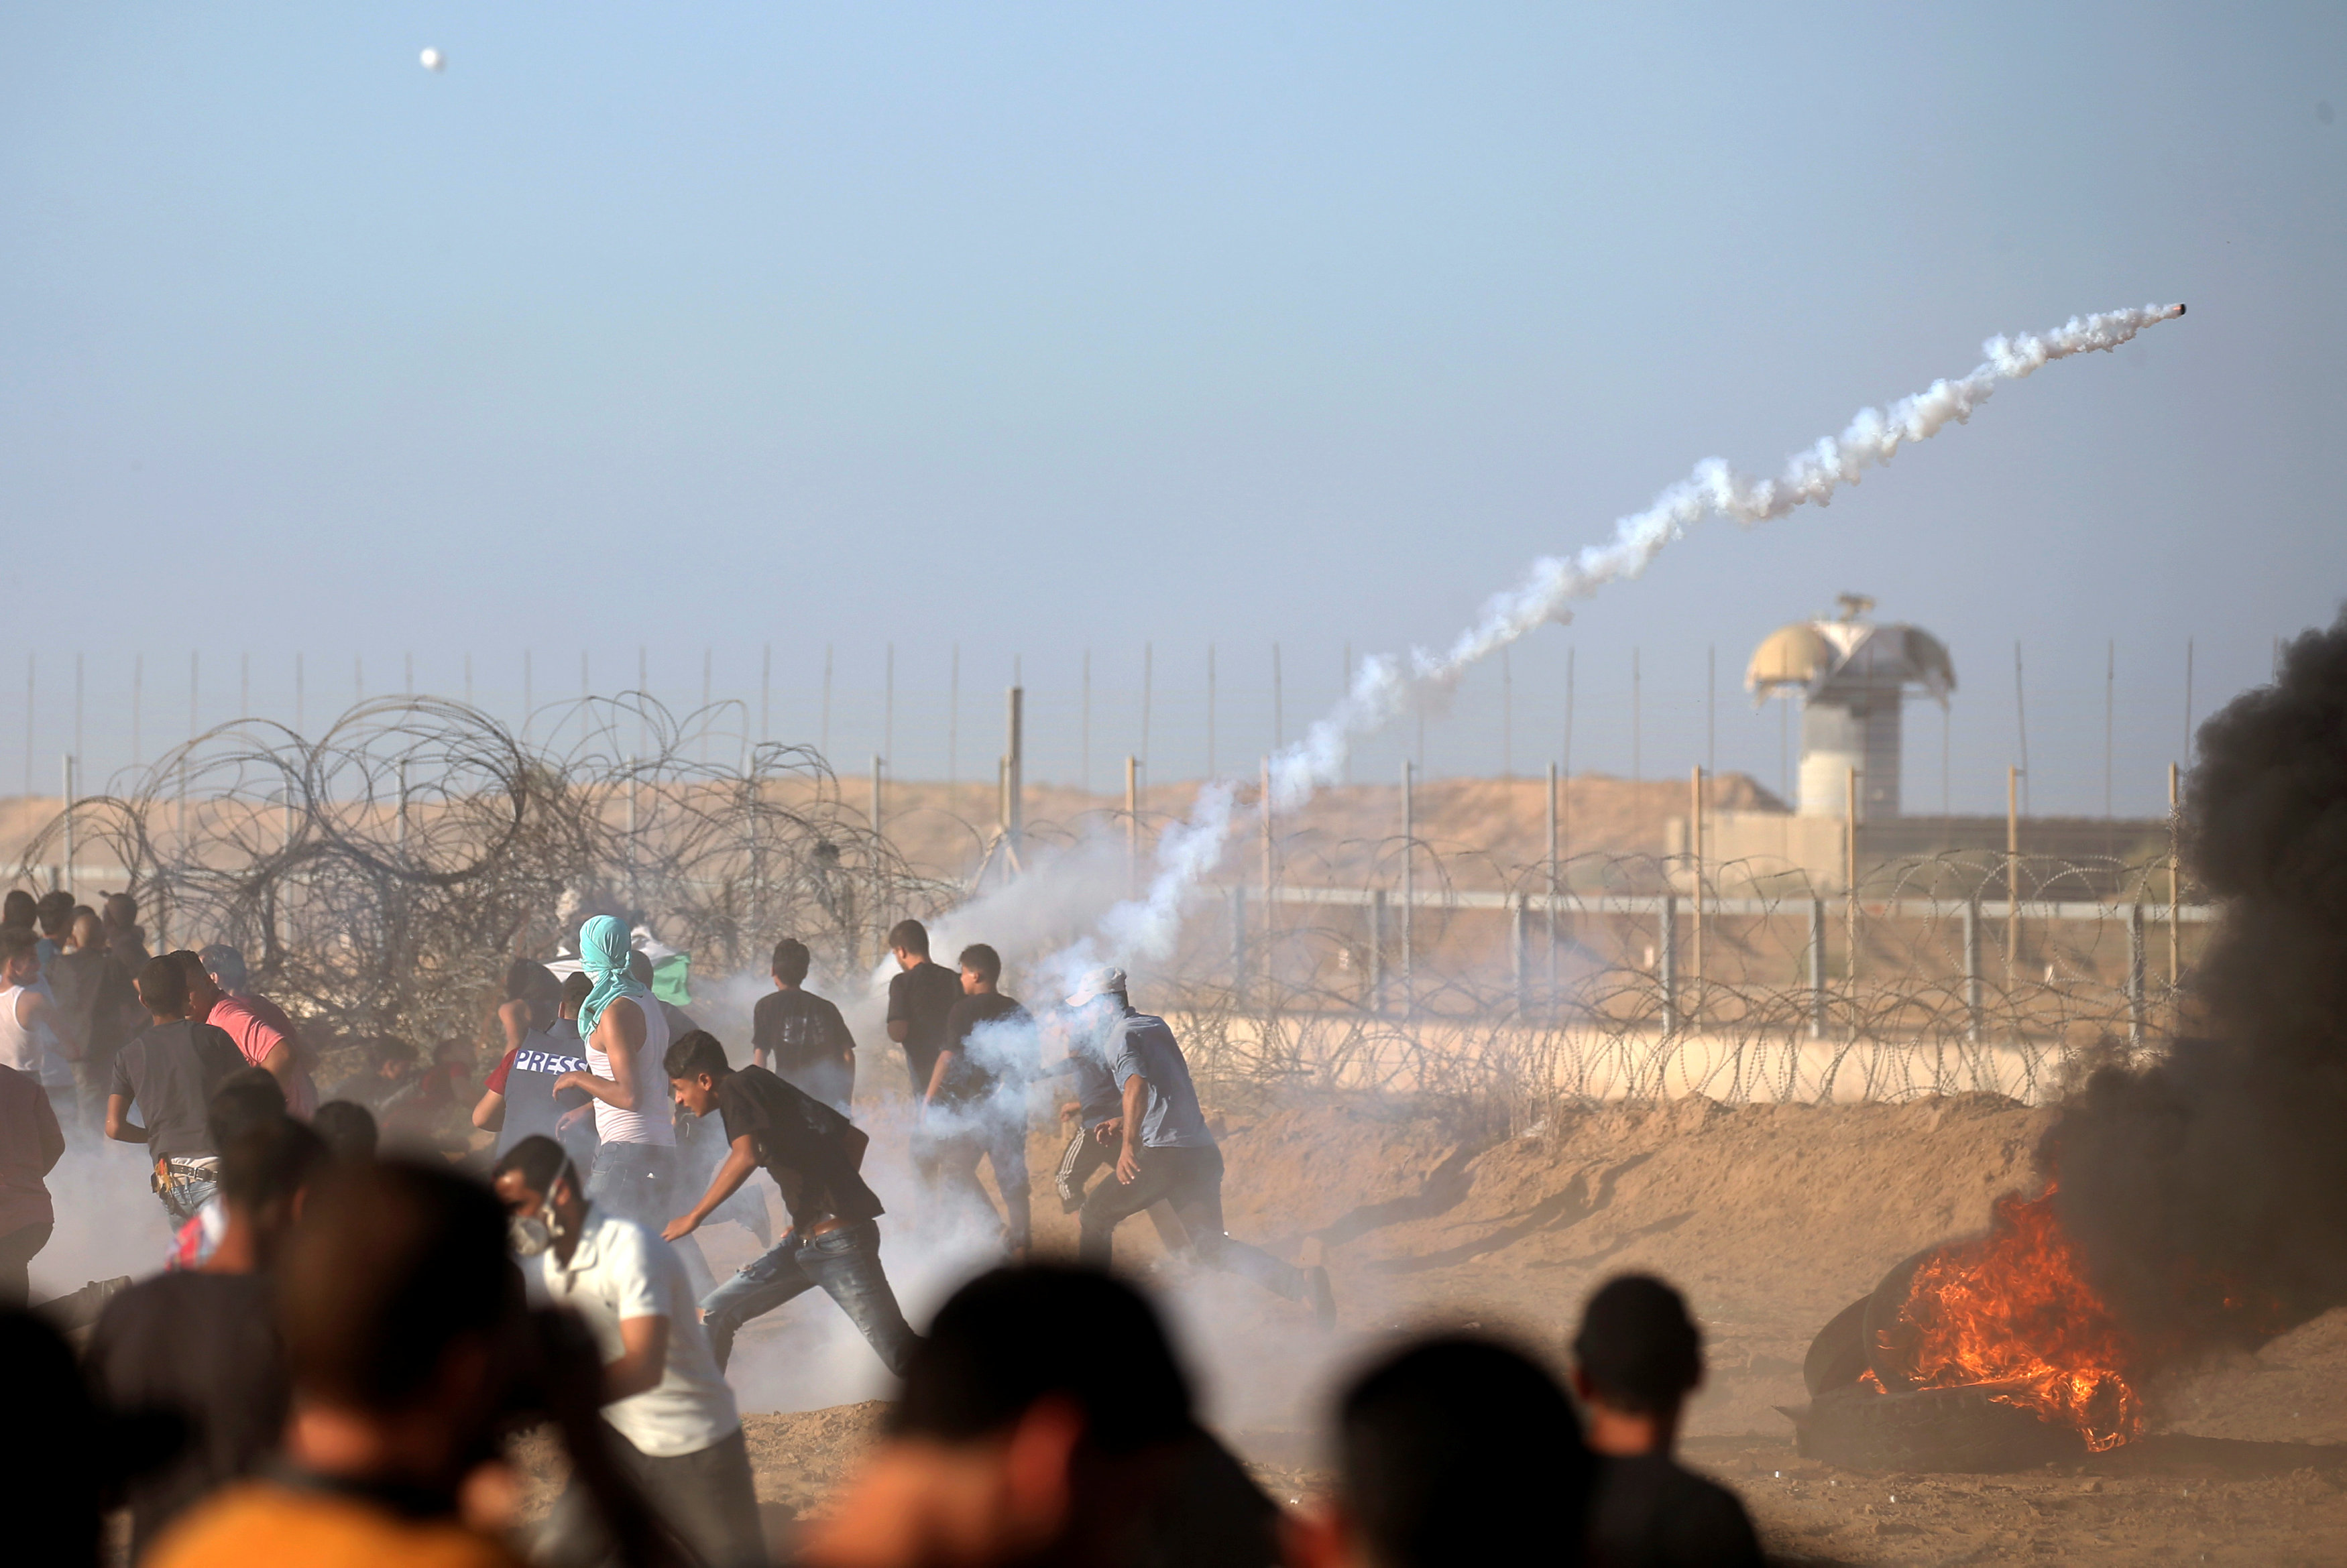 صور | استشهاد فلسطينى وإصابة 40 آخرين برصاص الجيش الاسرائيلي